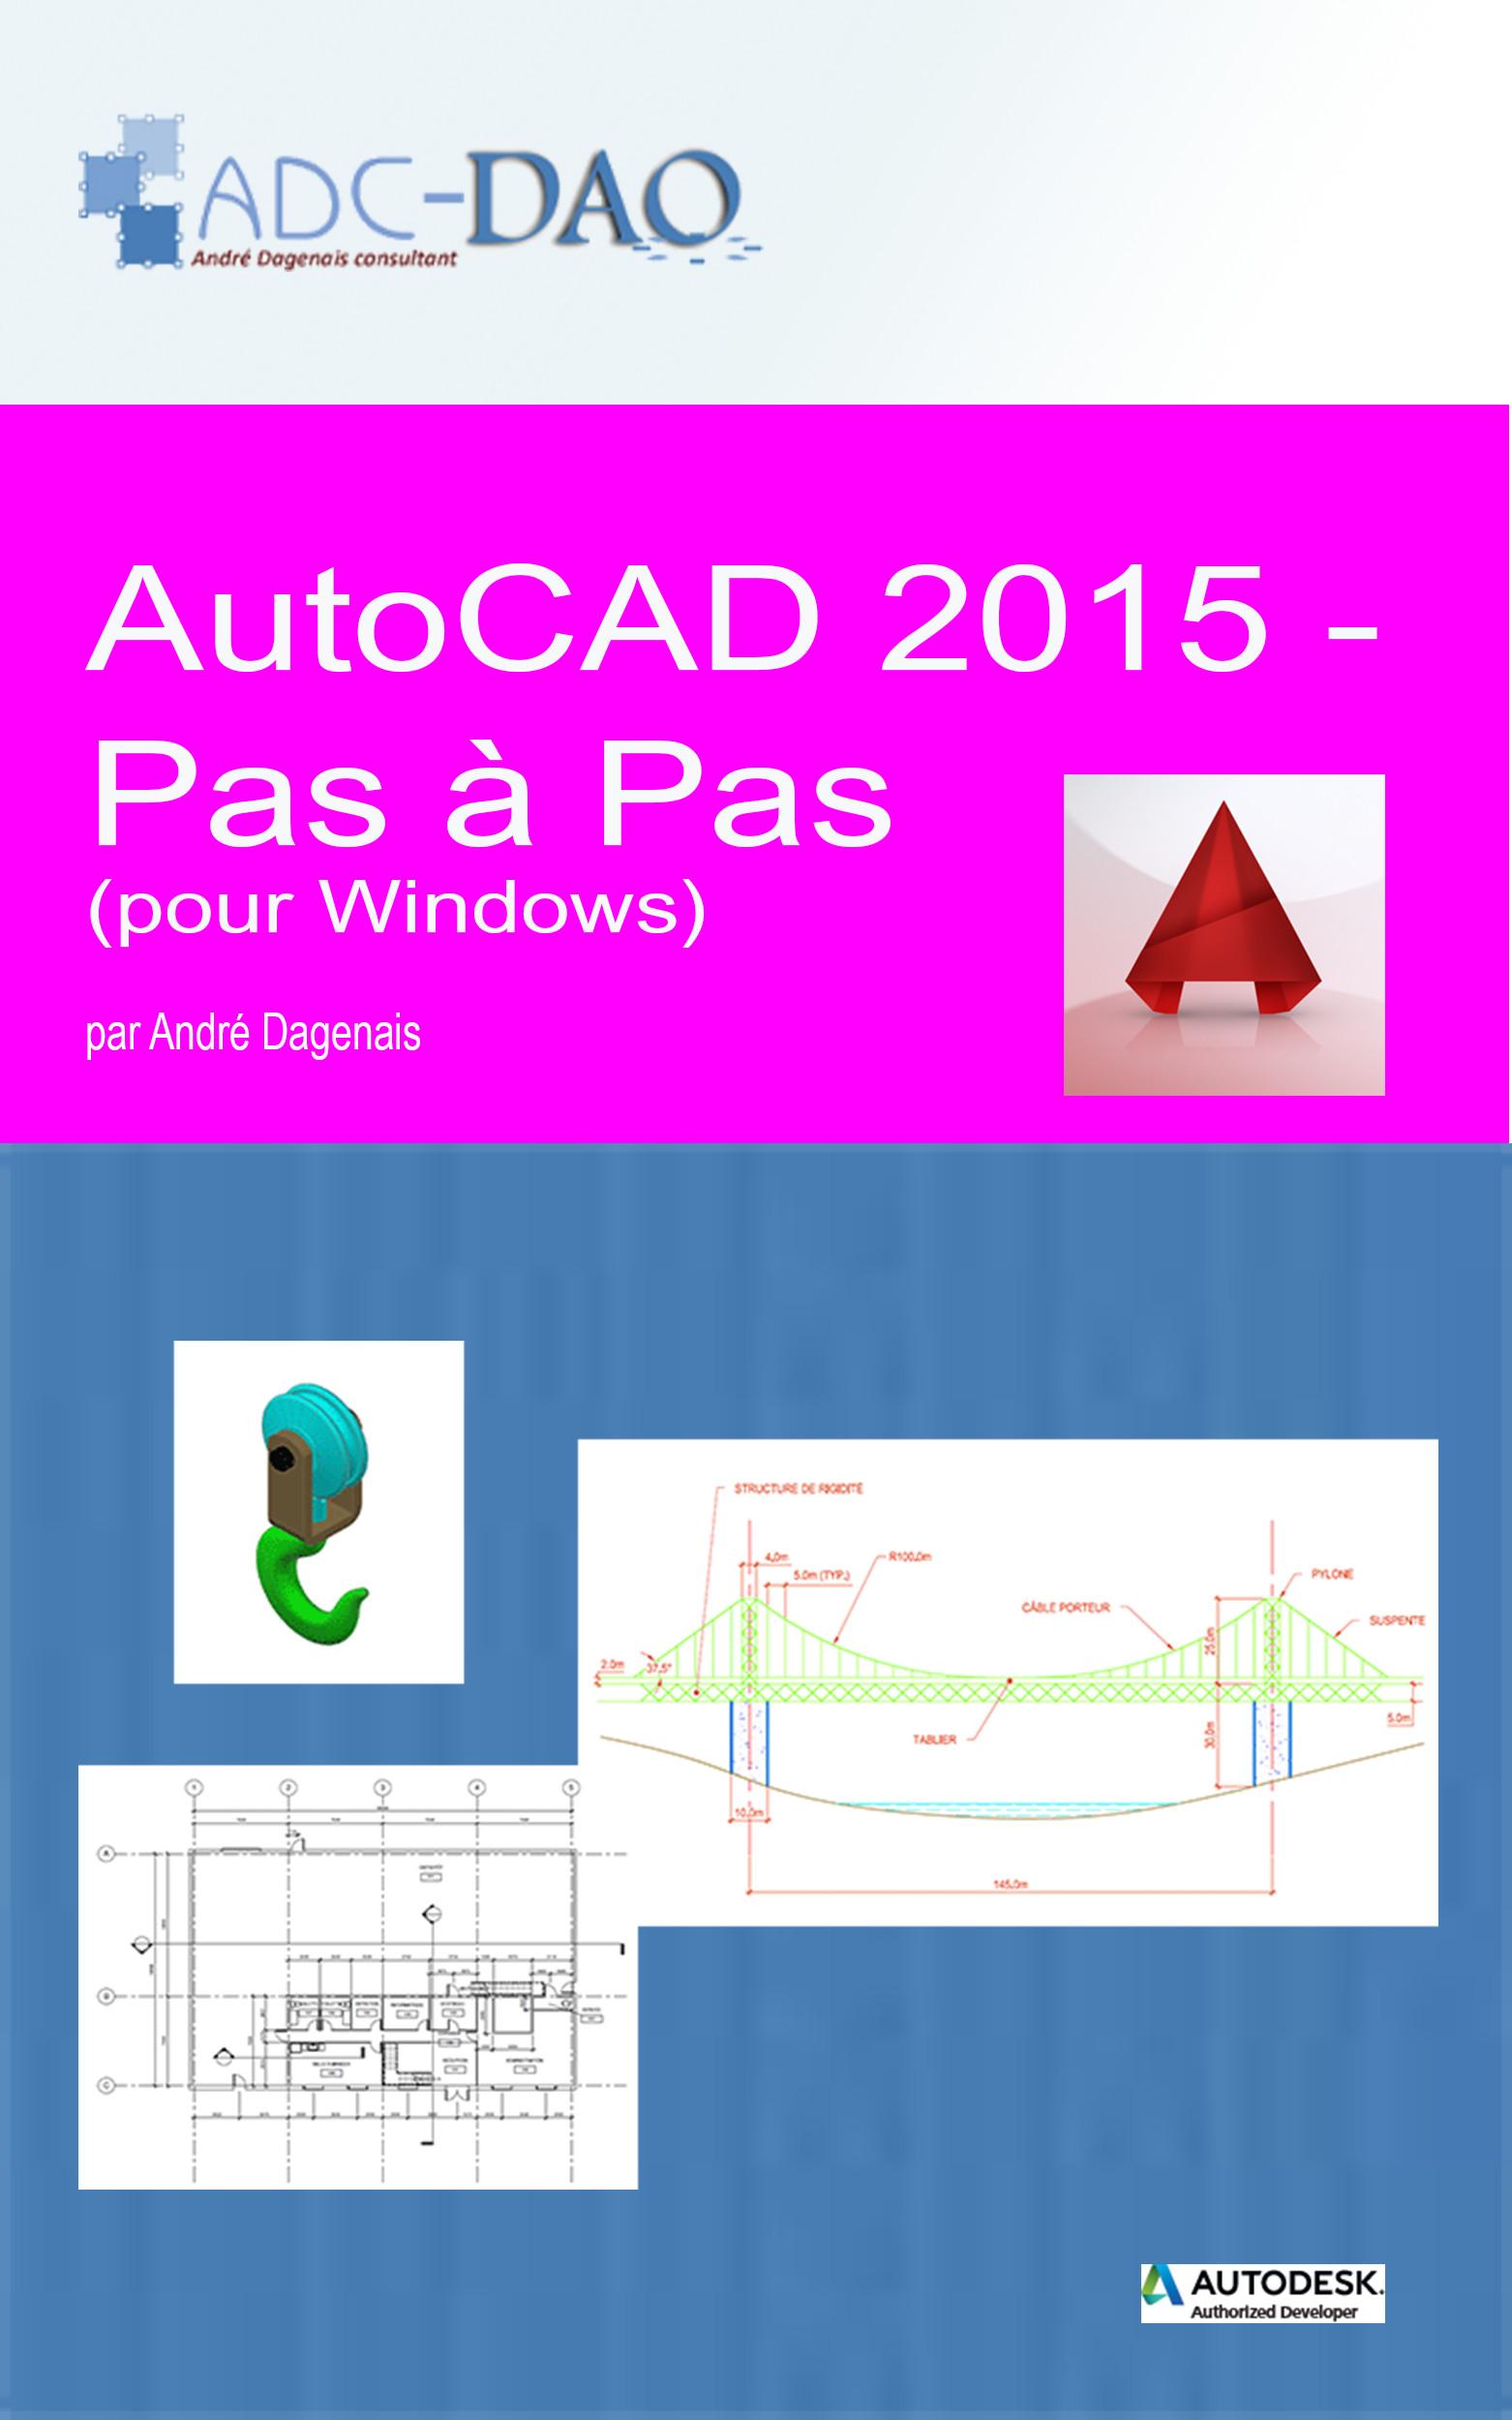 AutoCAD 2015 - Pas à pas (Couverture)